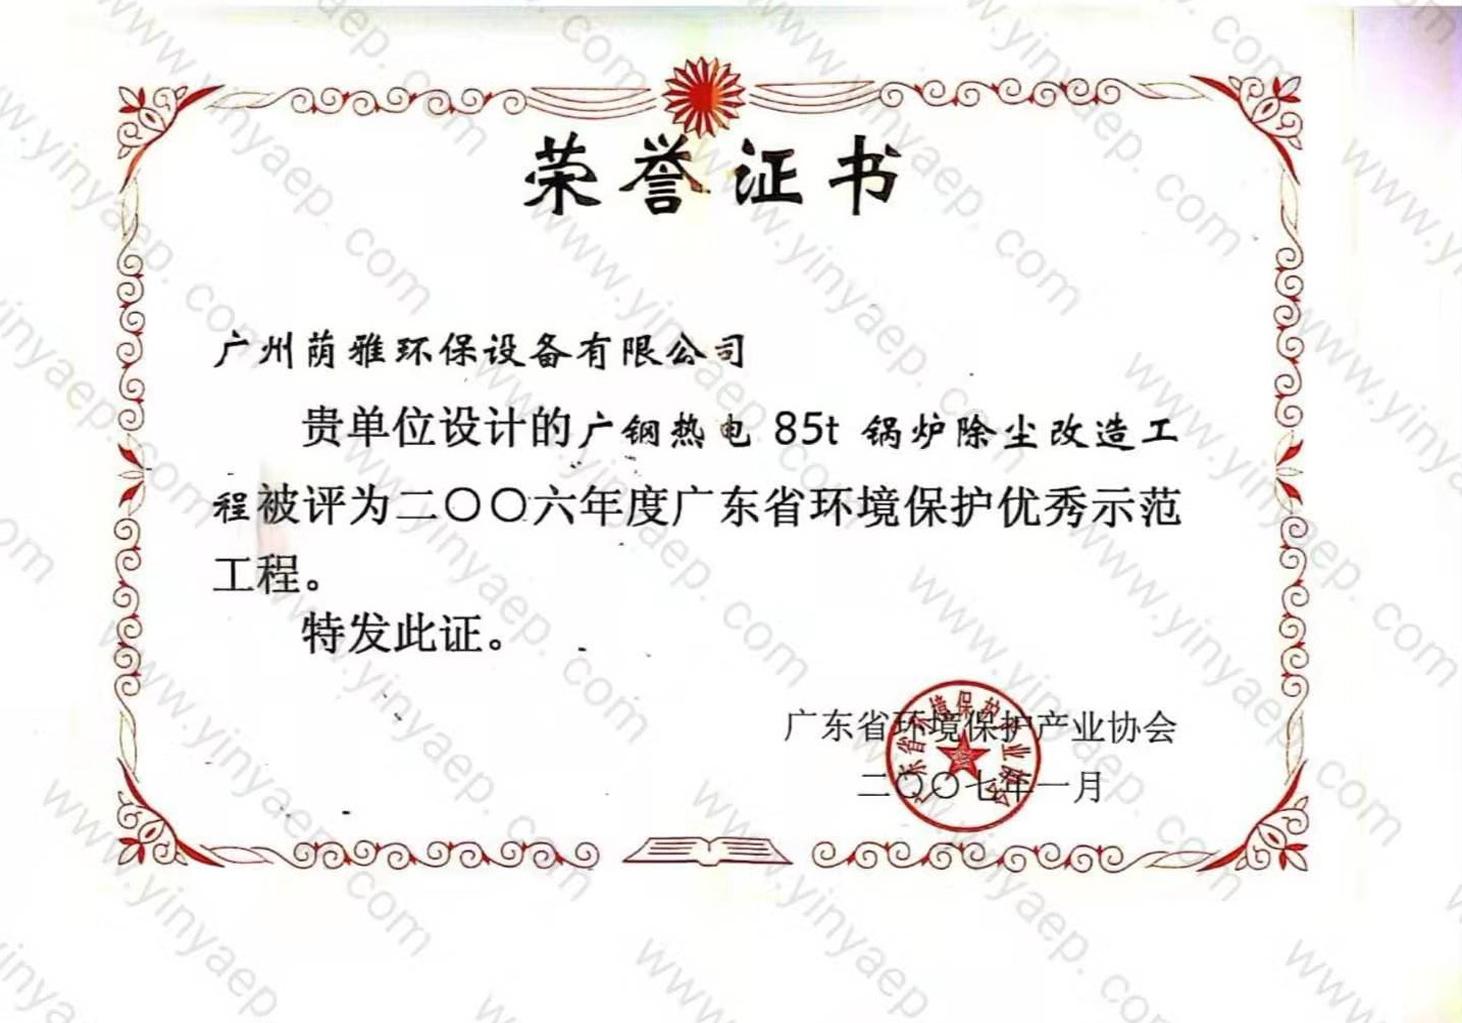 广钢热电85t锅炉除尘改造工程证书